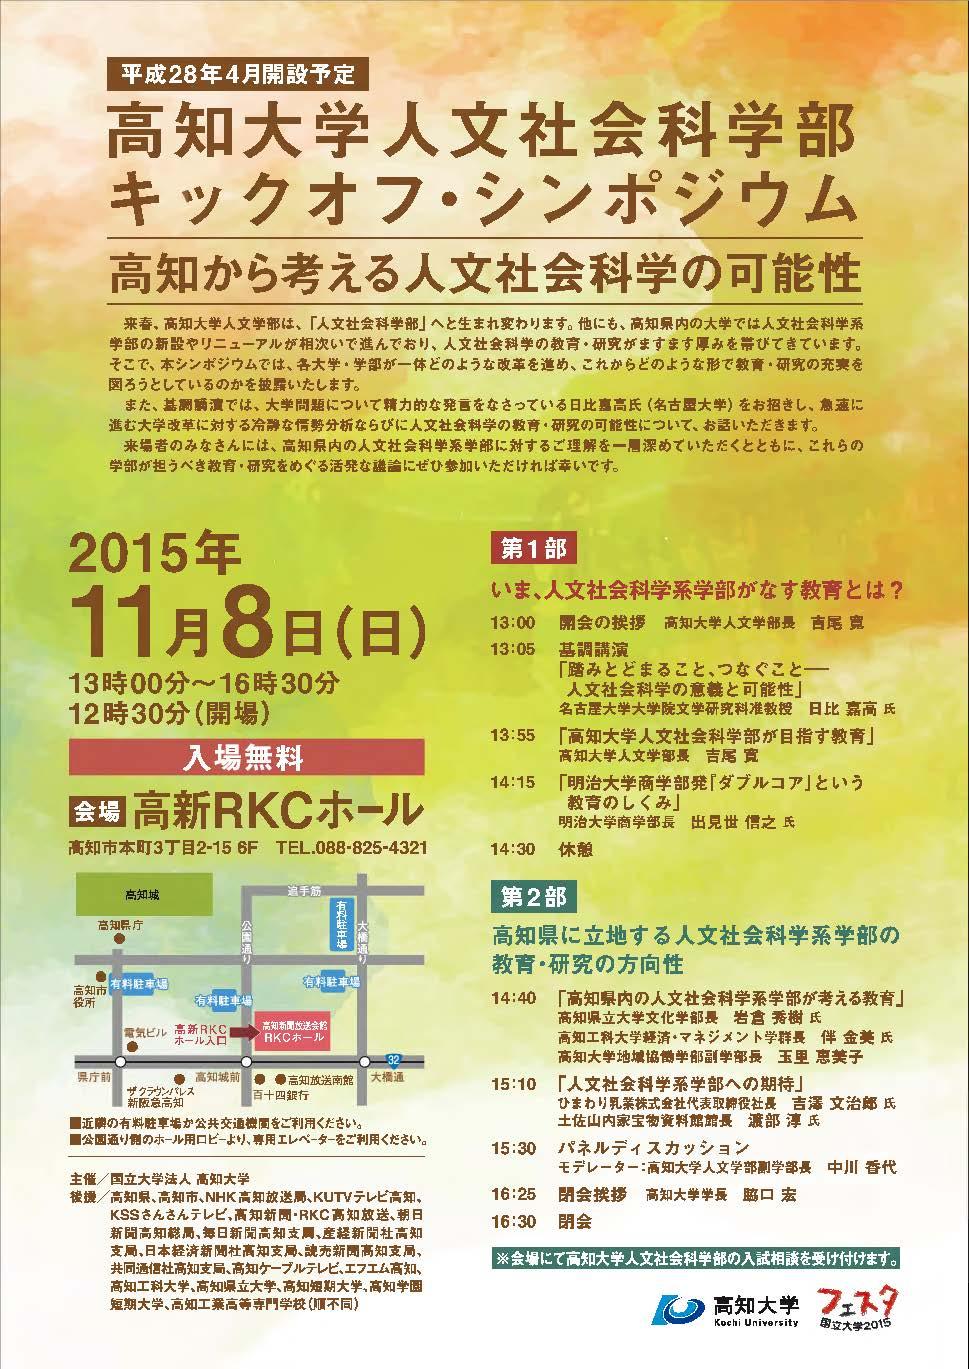 http://www.kochi-u.ac.jp/events/2015102000054/files/151108jinbun_sympo1.jpg